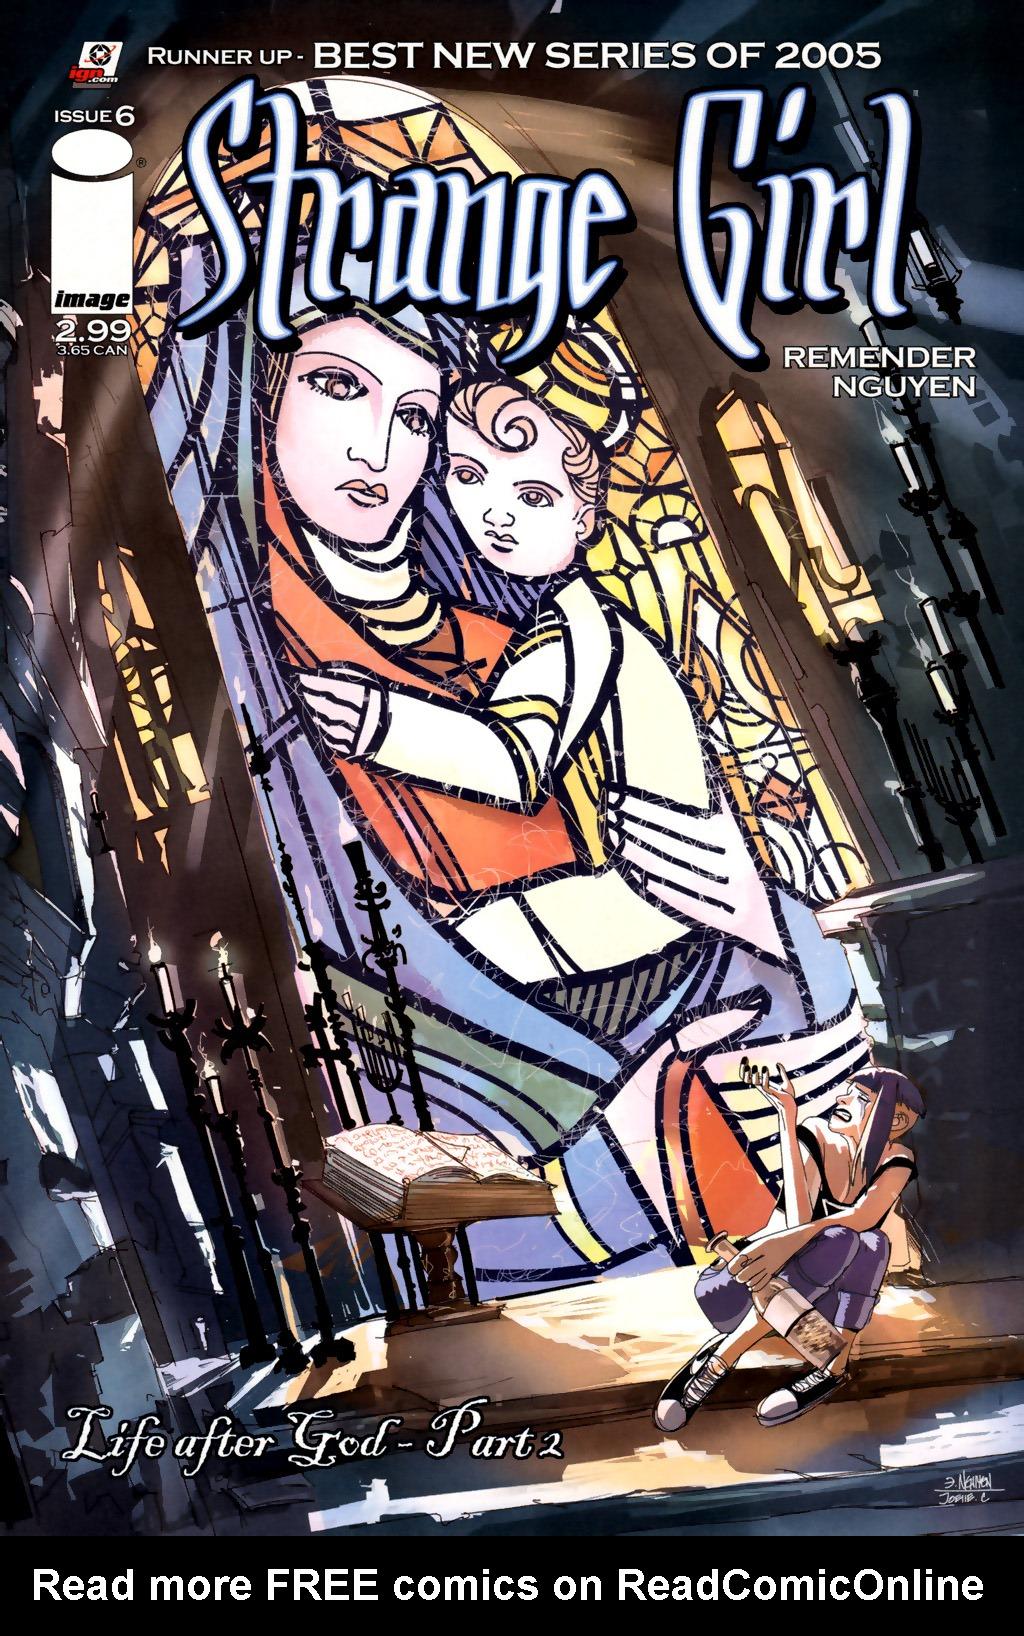 Read online Strange Girl comic -  Issue #6 - 1